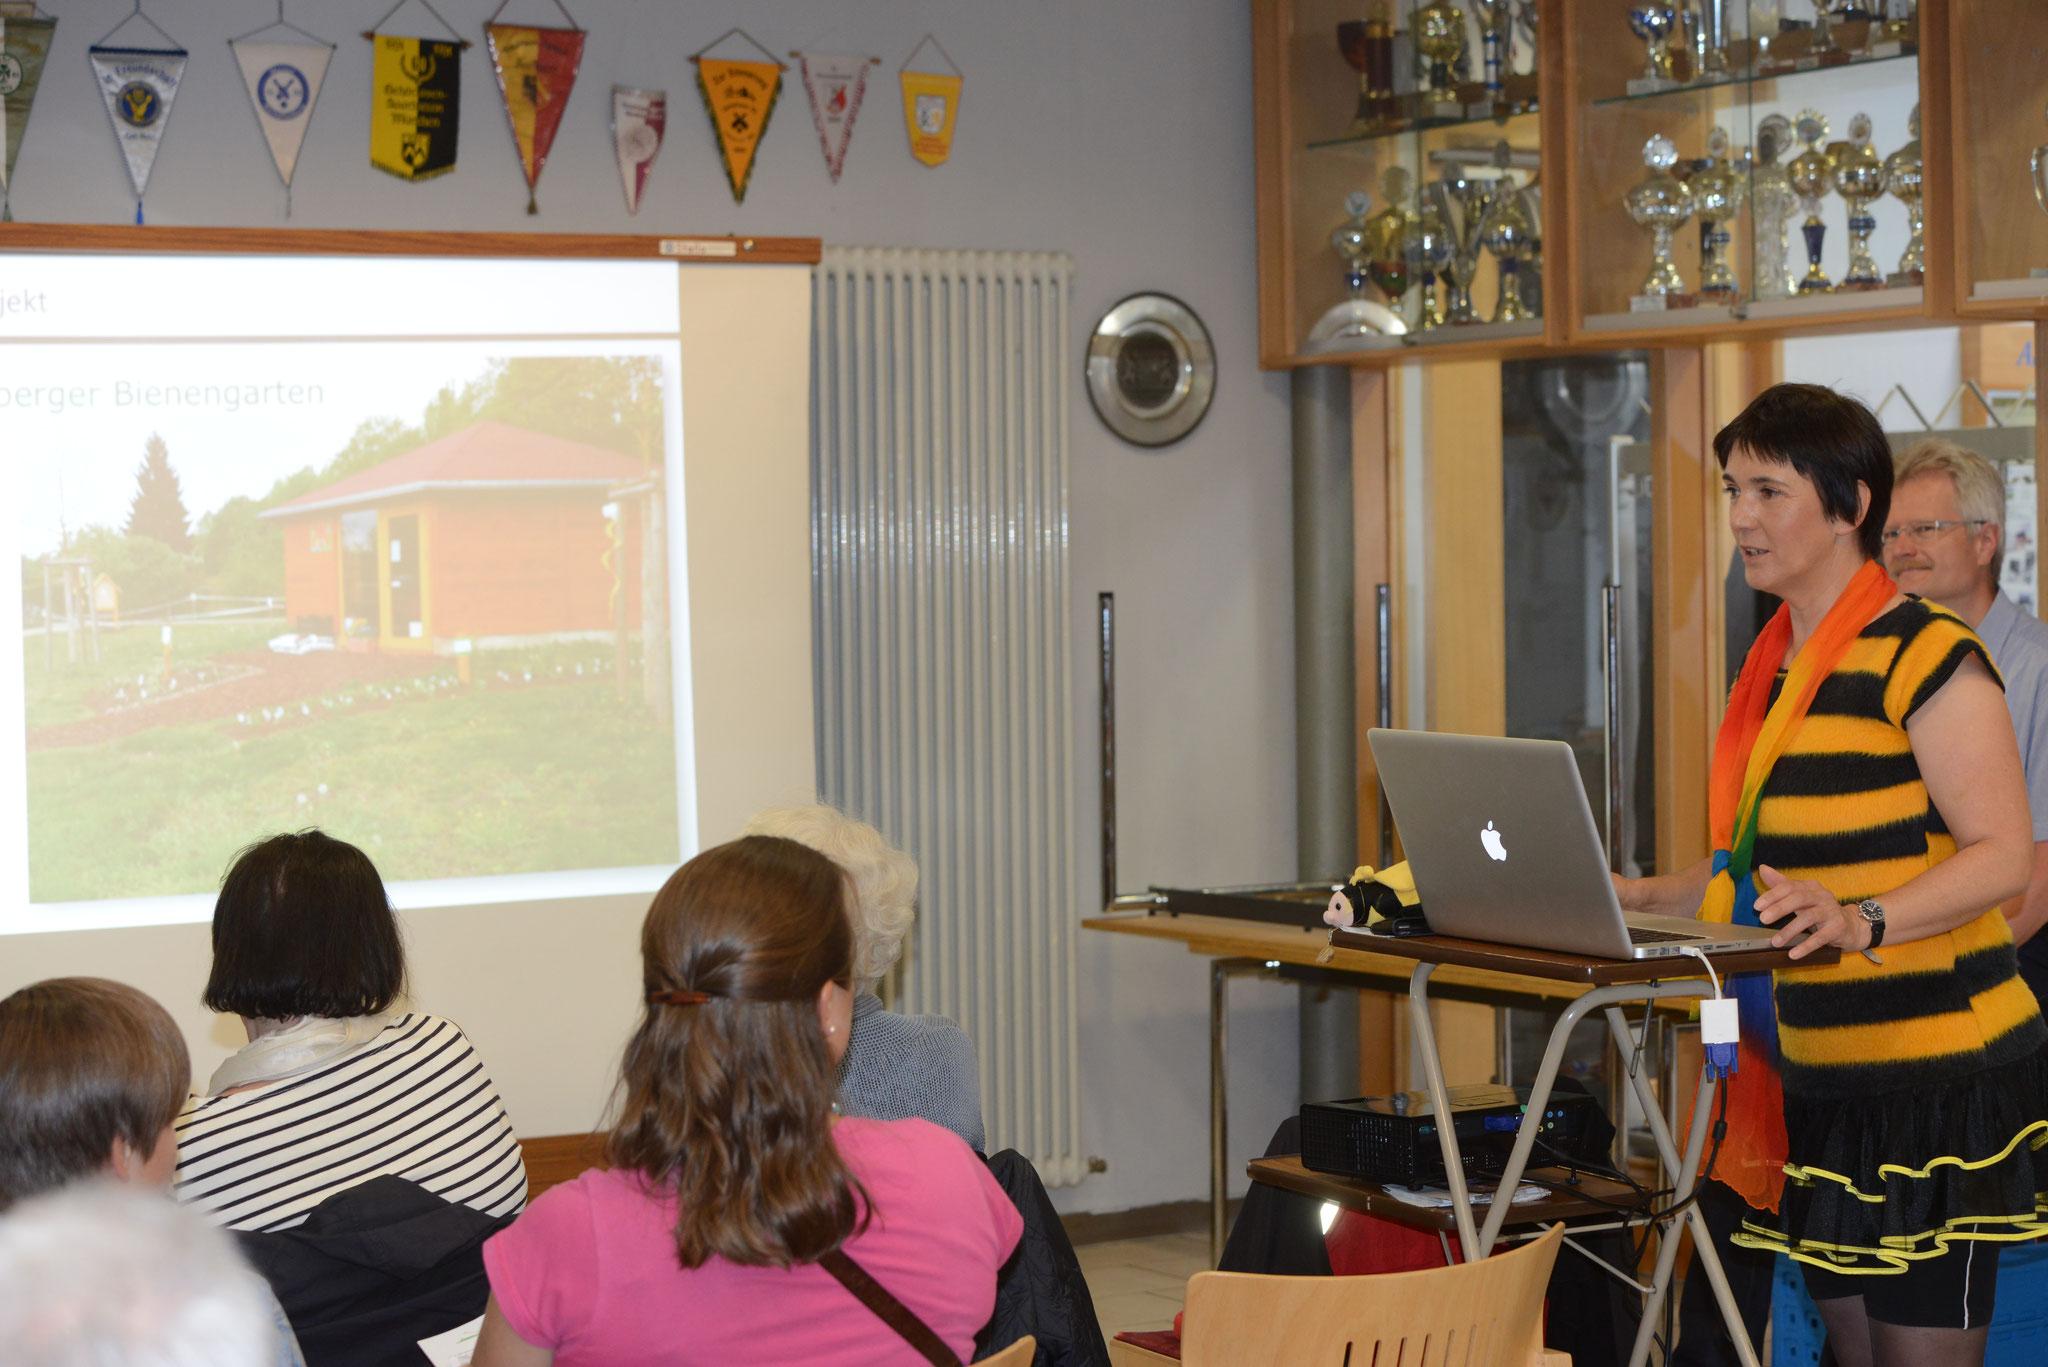 Aufmerksame Zuhörer: Vortrag Bienenleben in Bamberg